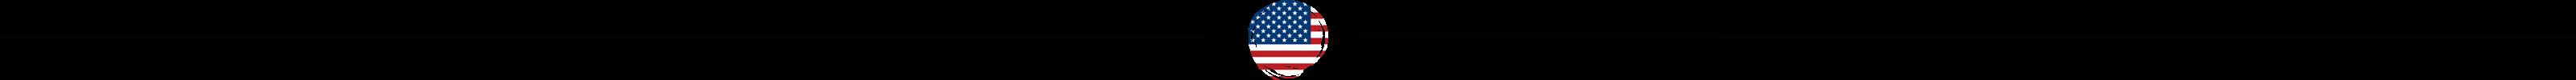 USA Trenner